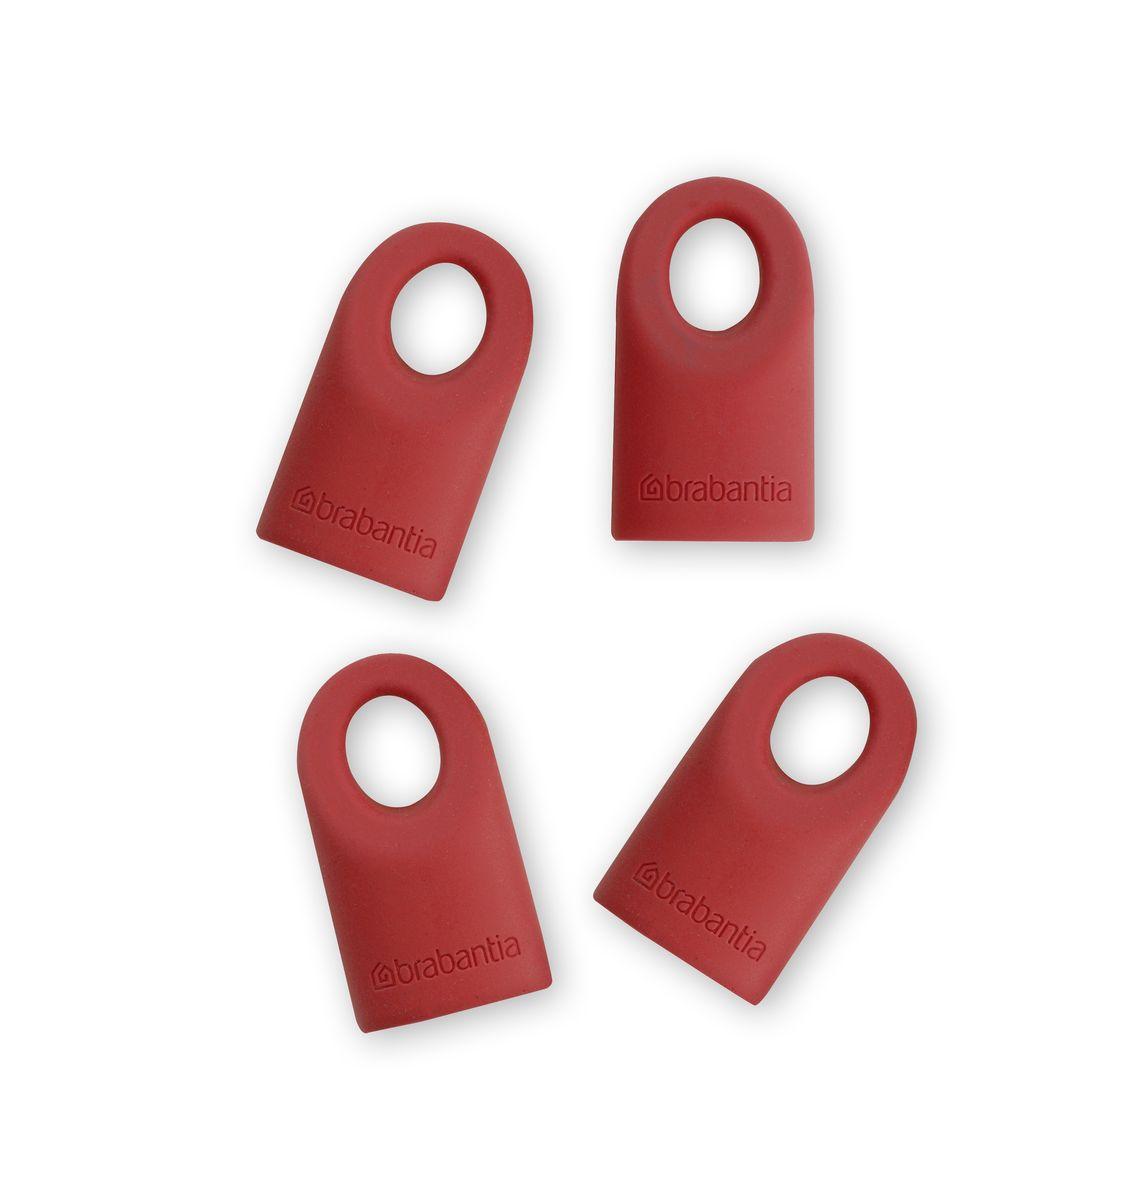 Силиконовые колпачки Brabantia Accent, цвет: красный, 4 шт464003Силиконовые колпачки Brabantia Accent предназначены для кухонных принадлежностей линии Accent. Просто наденьте колпачок на нужную кухонную принадлежность. Используя съемные колпачки разных цветов, вы можете создавать свой оригинальный стиль. Колпачки оснащены специальными отверстиями для крючков.Длина колпачка: 4 см.